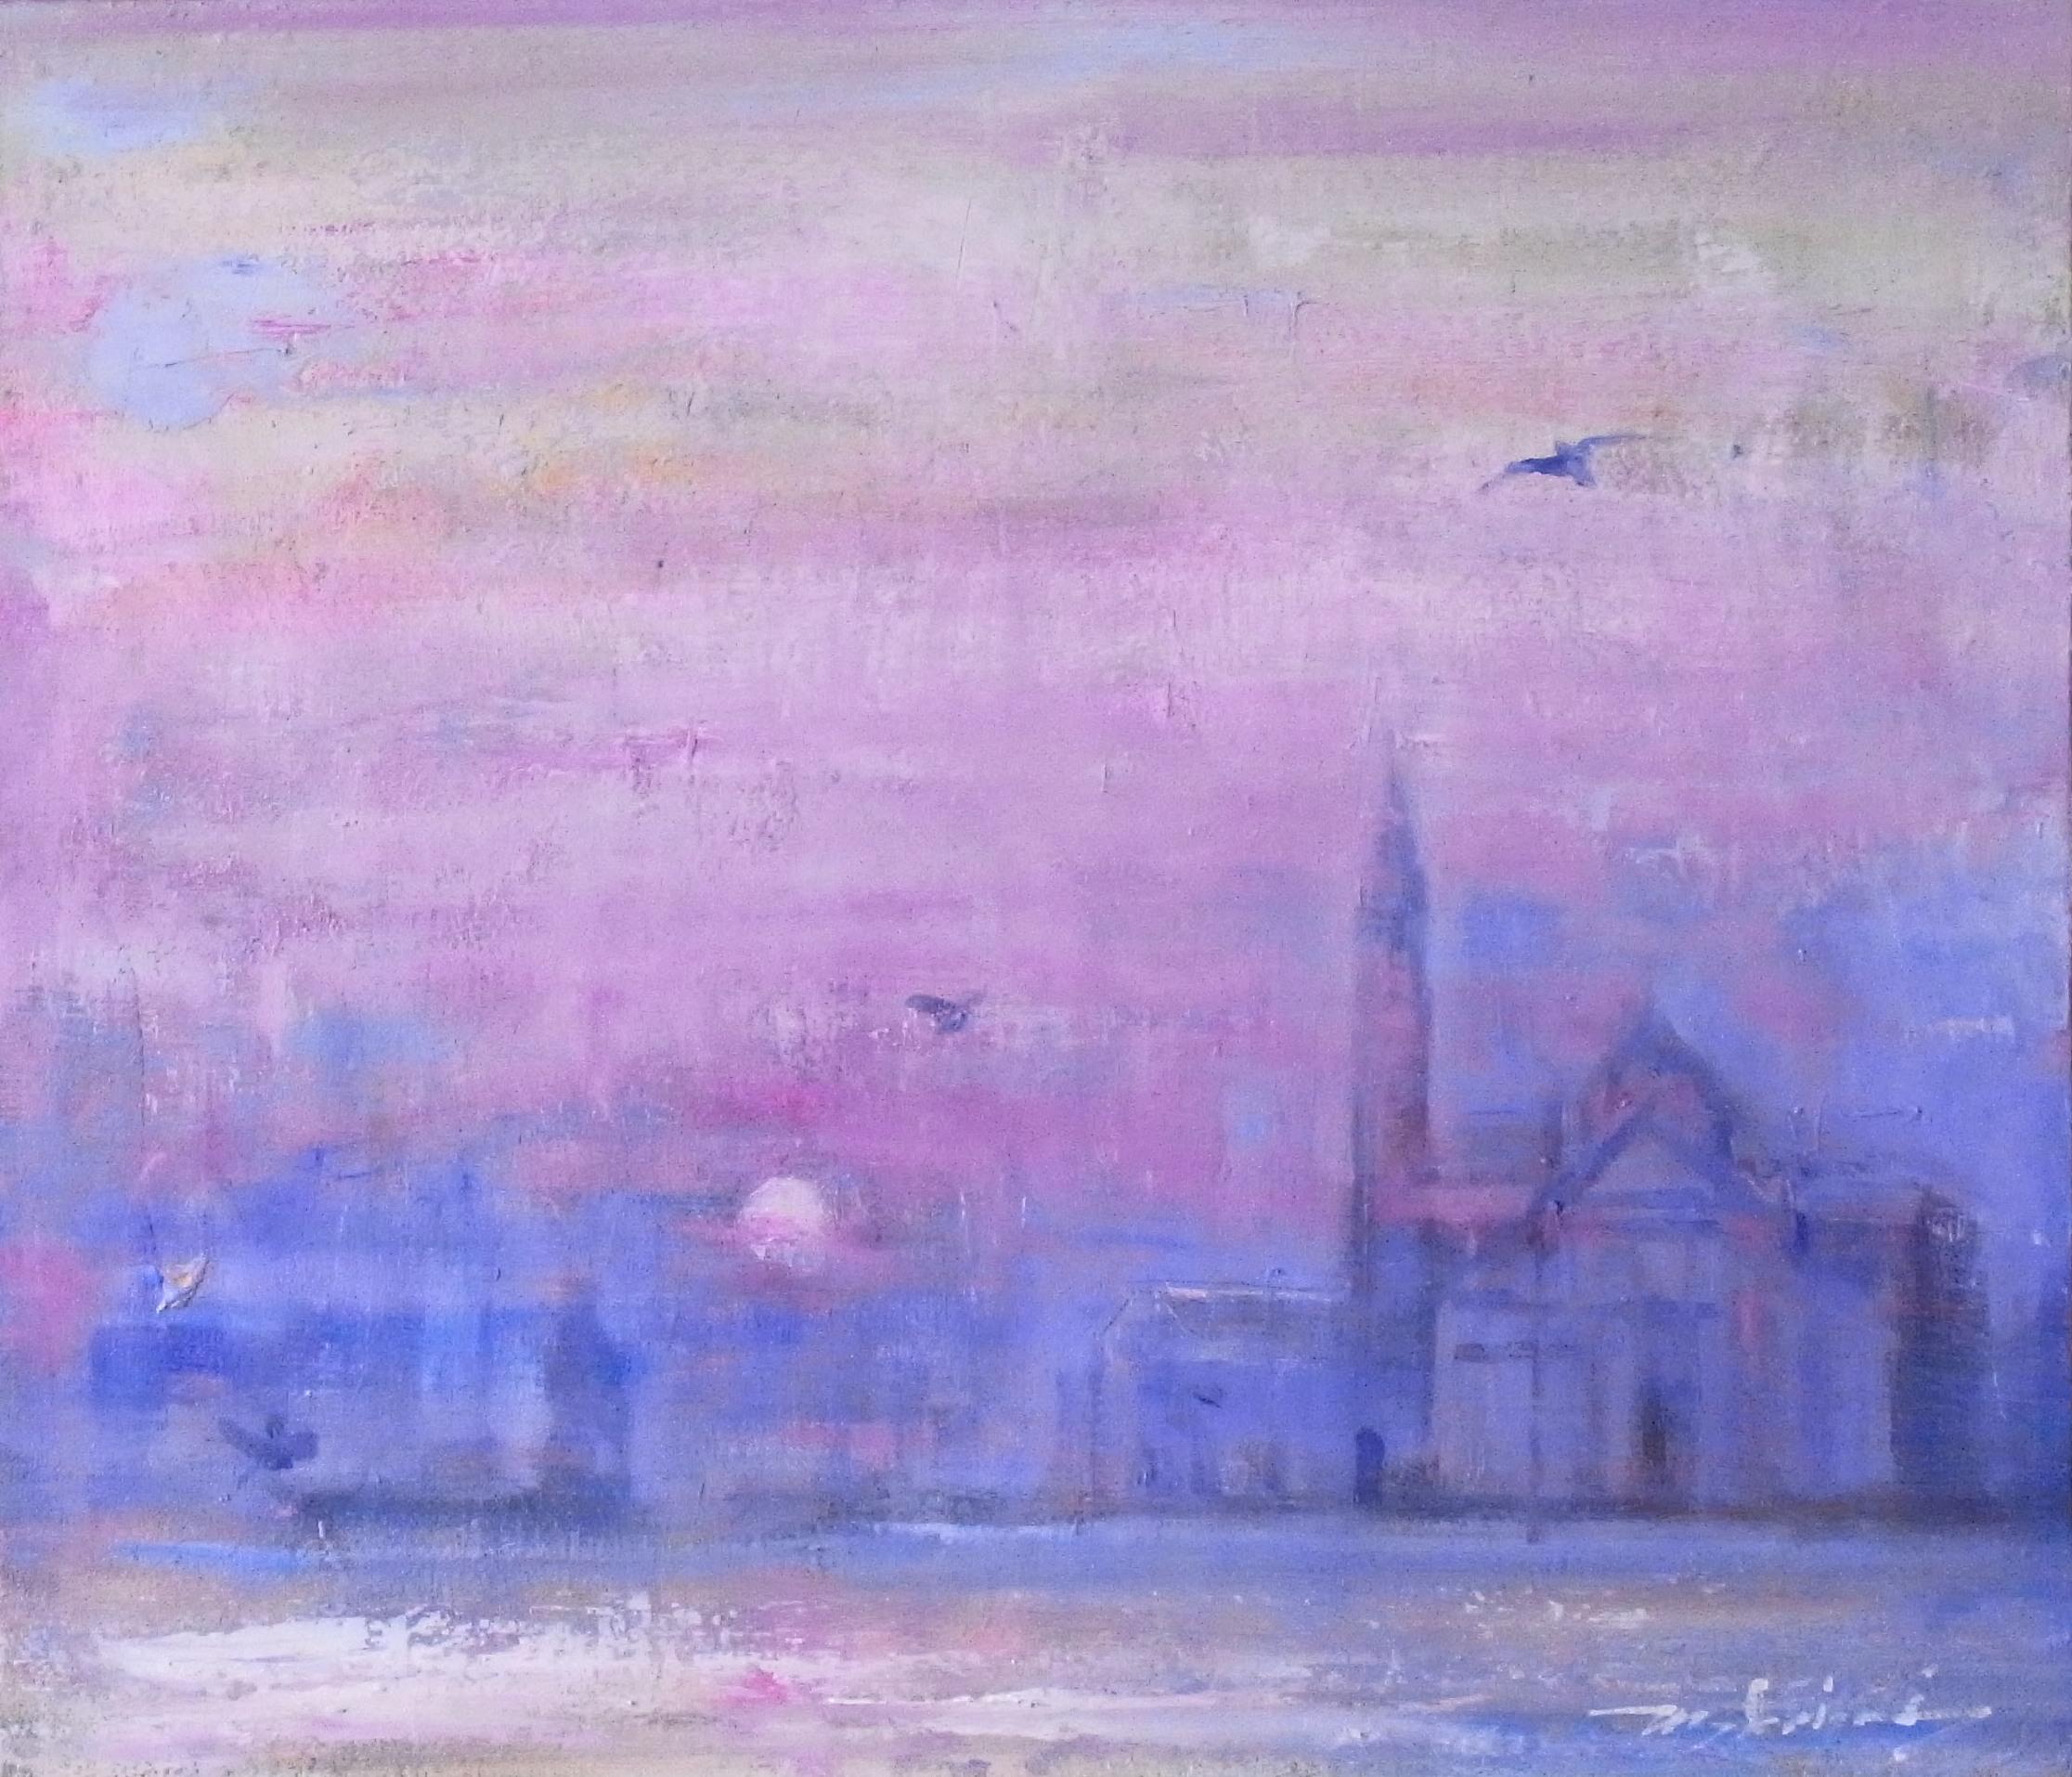 『朝のヴェネツィア』